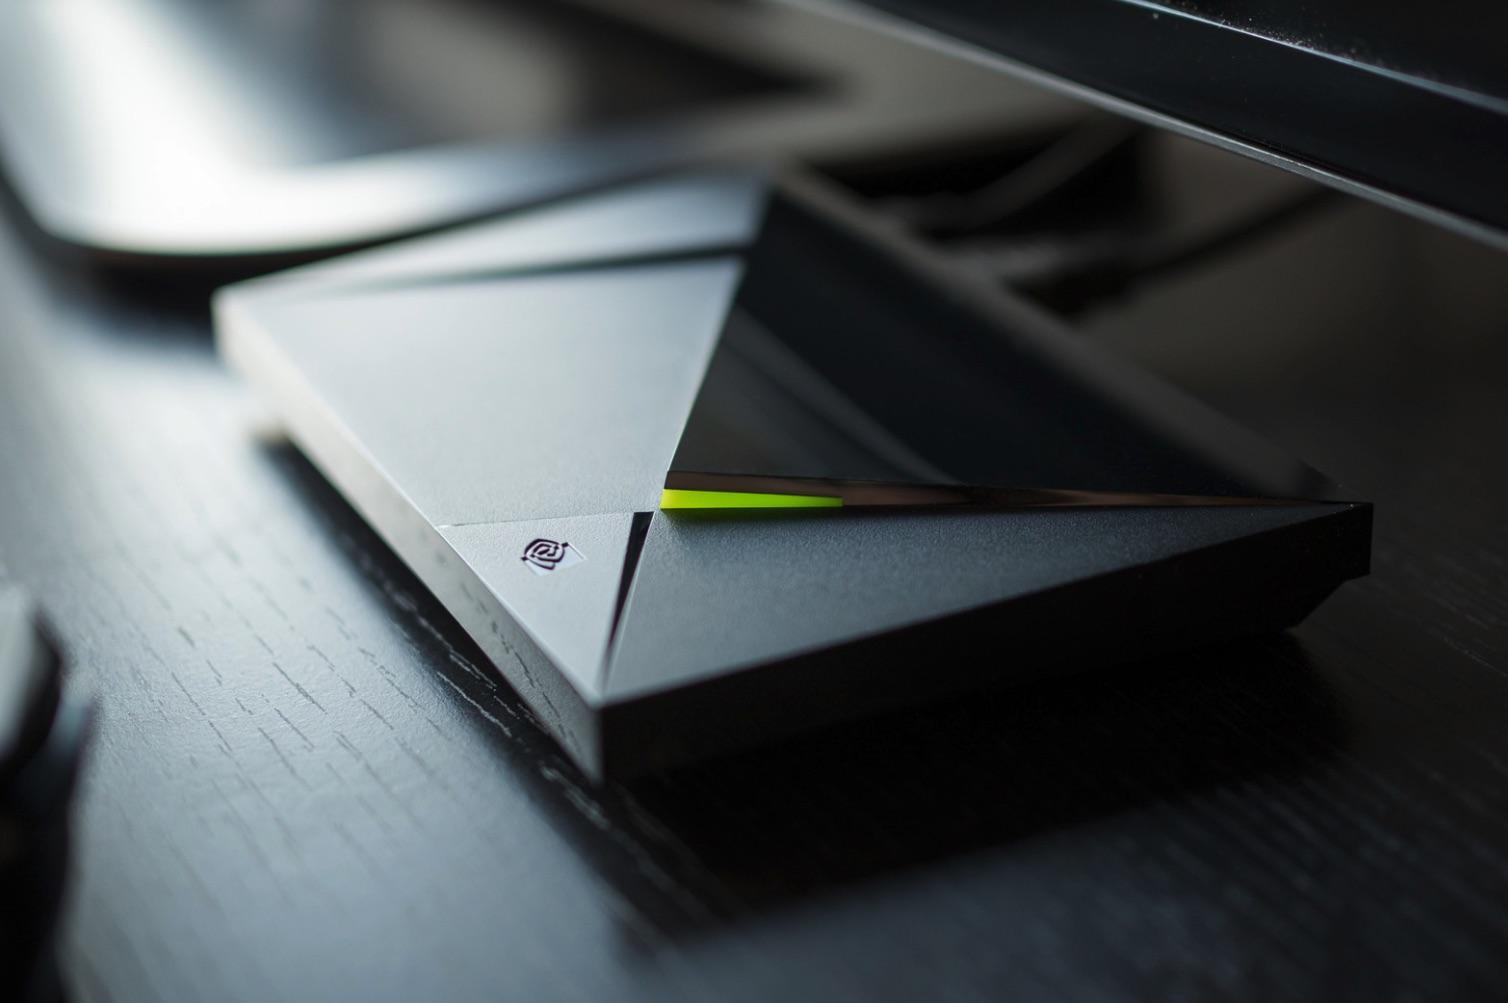 Nvidia Shield TV (2019) : un nouveau modèle sous Android 9 serait en préparation